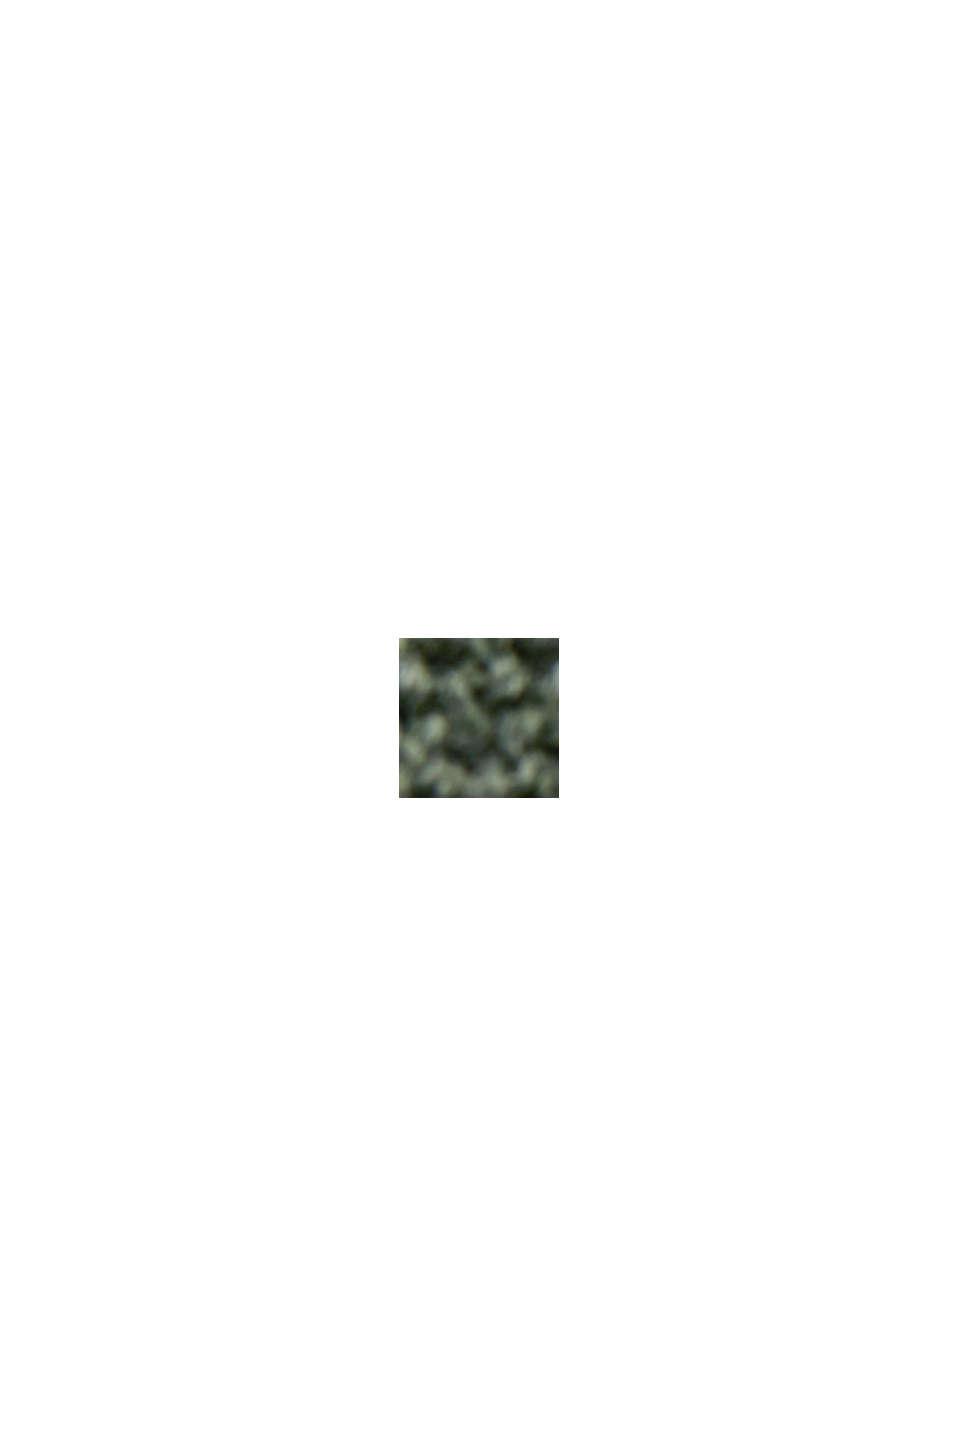 Pullover con scollo a V in cotone biologico, KHAKI GREEN, swatch